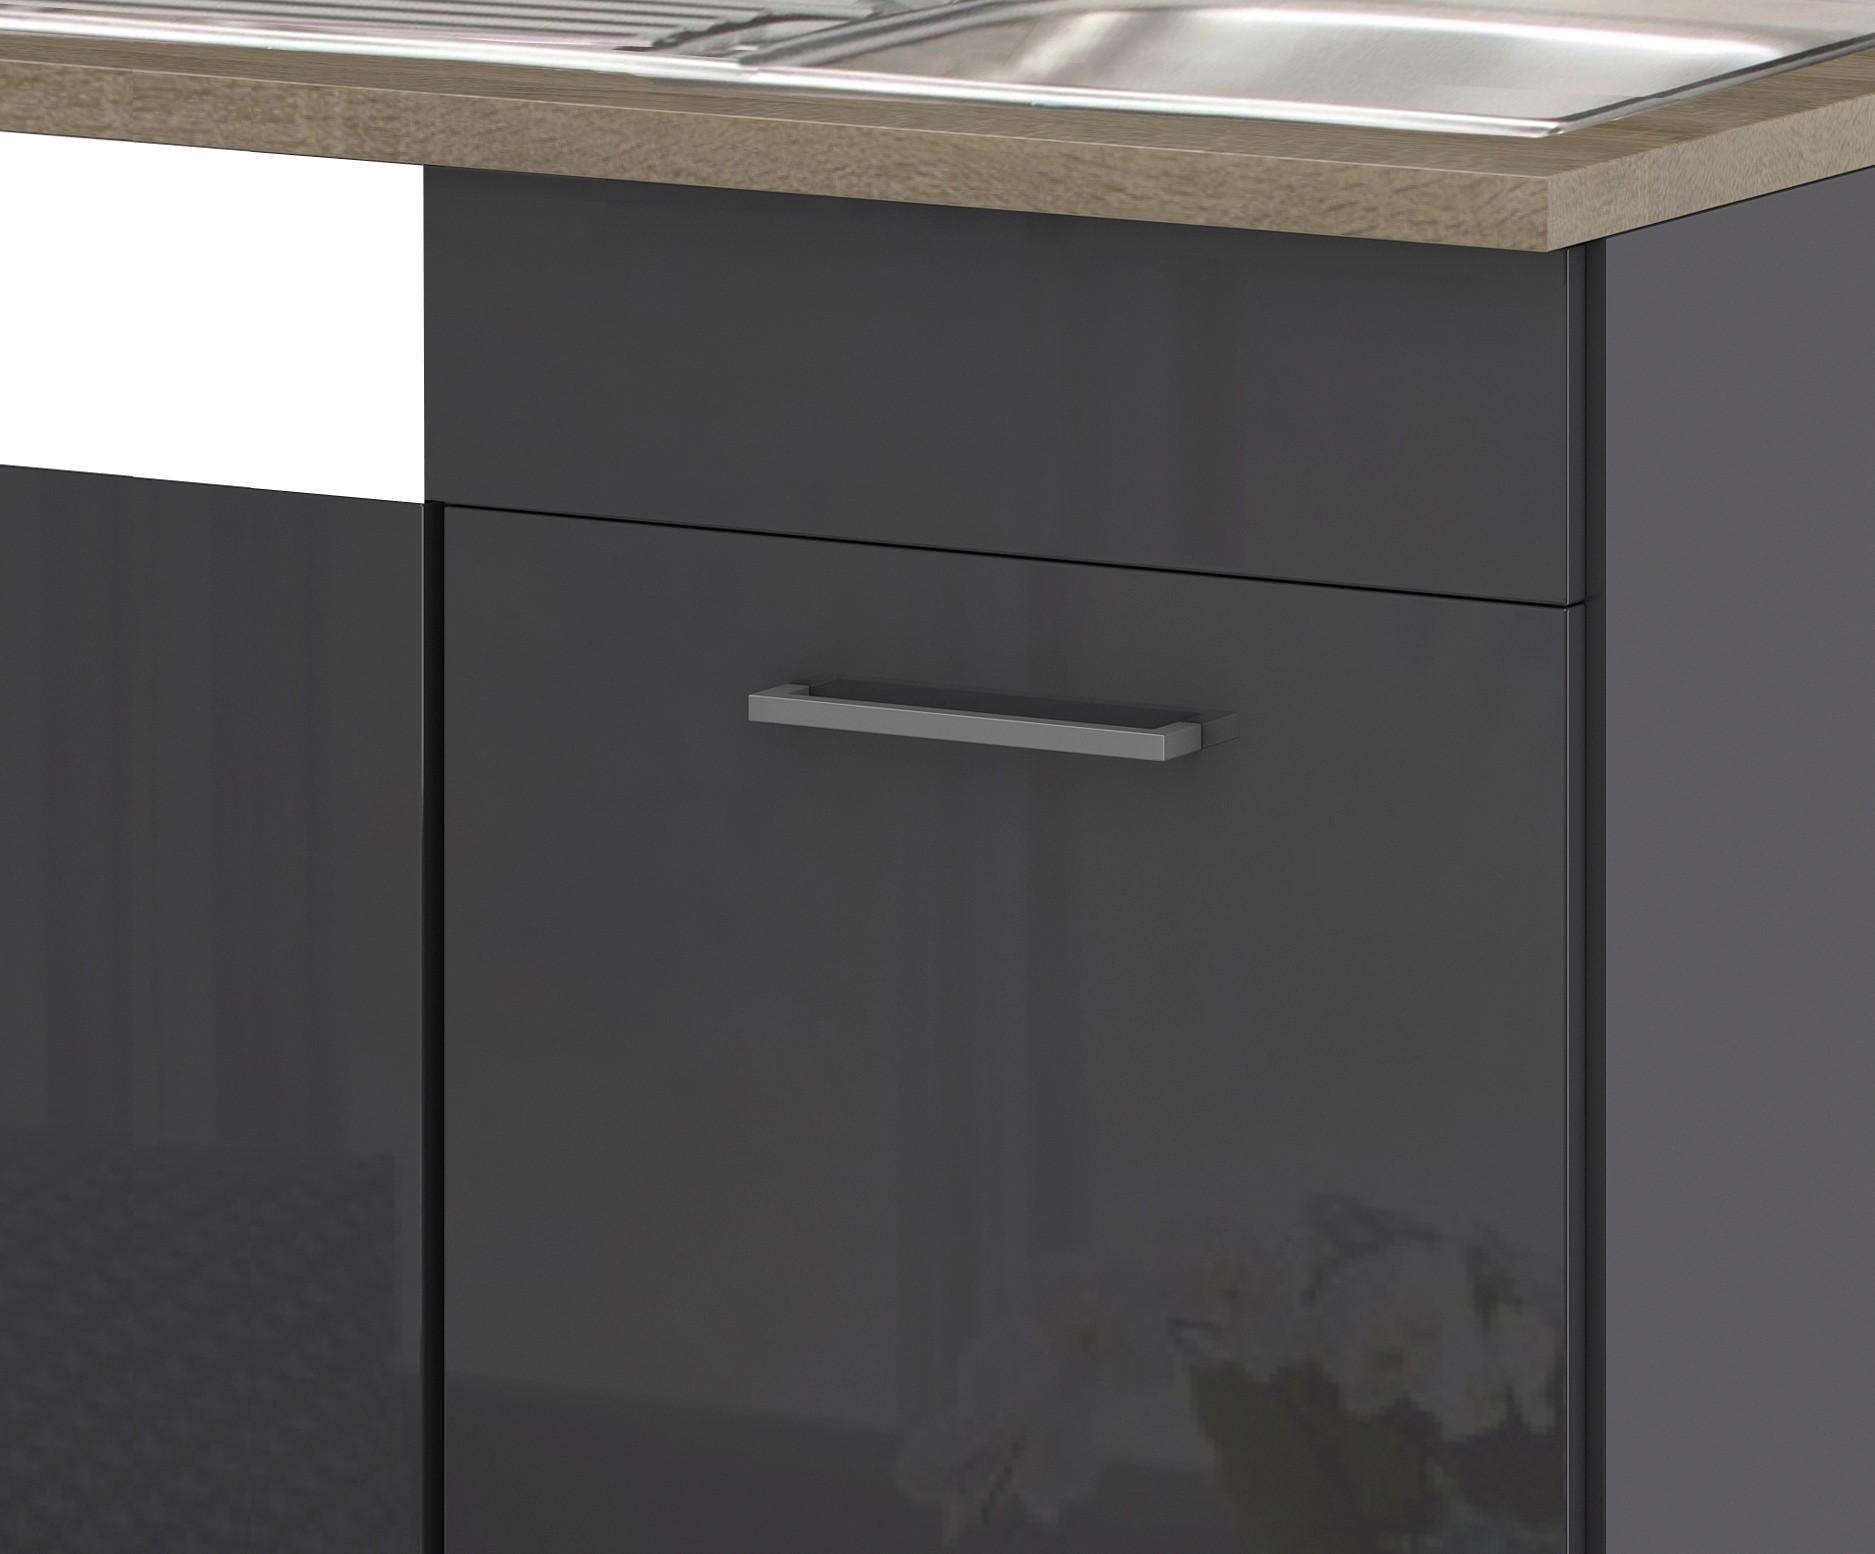 k chen sp lcenter m nchen 1 t rig 110 cm breit hochglanz grau graphit k che sp lenschr nke. Black Bedroom Furniture Sets. Home Design Ideas